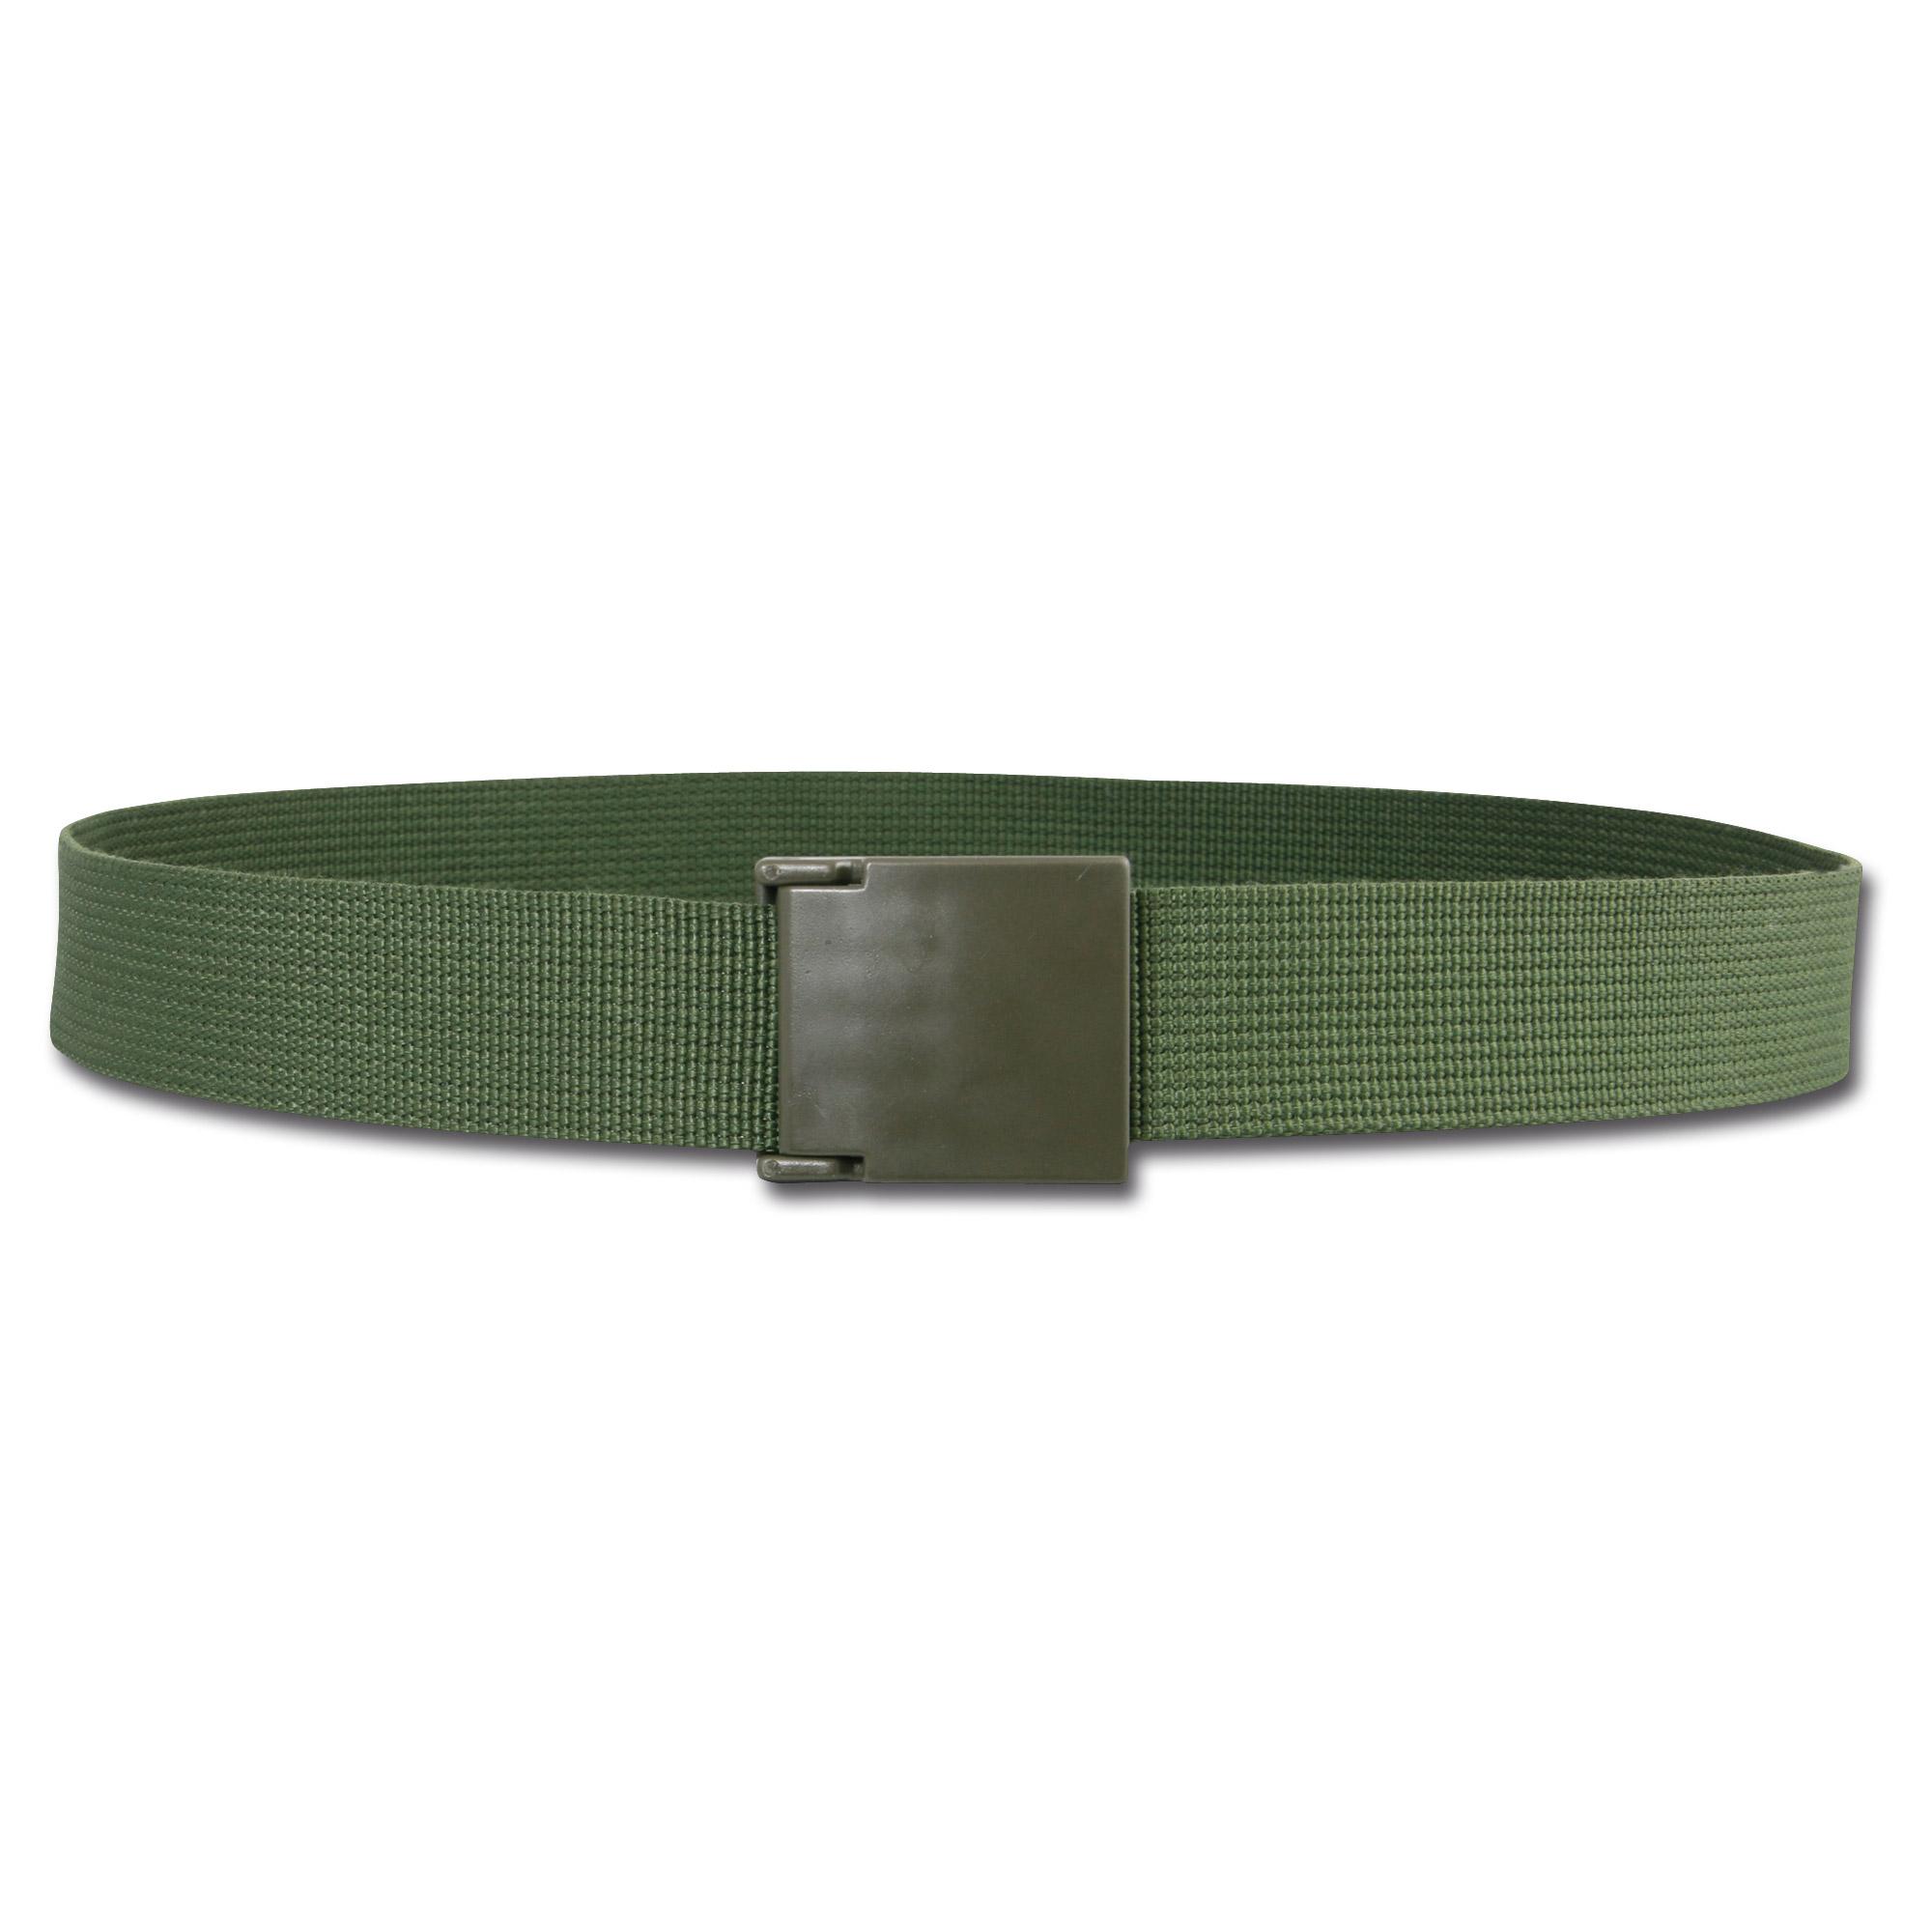 Cintura Stealth US, MFH, verde oliva